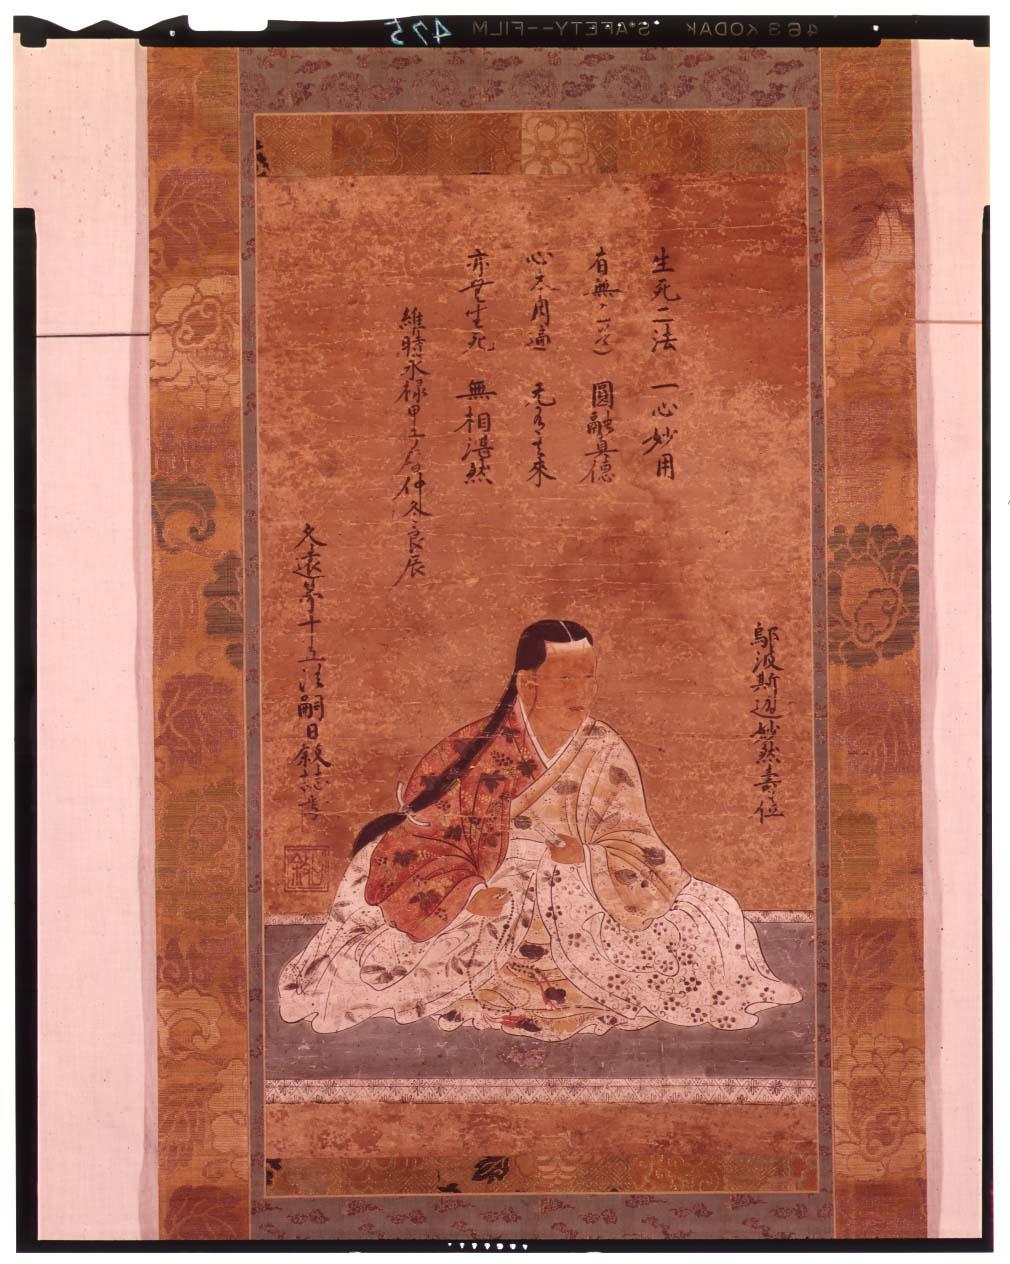 妙然尼像 東京国立博物館(http://webarchives.tnm.jp/ 配下)で公開しているデジタルコンテンツ